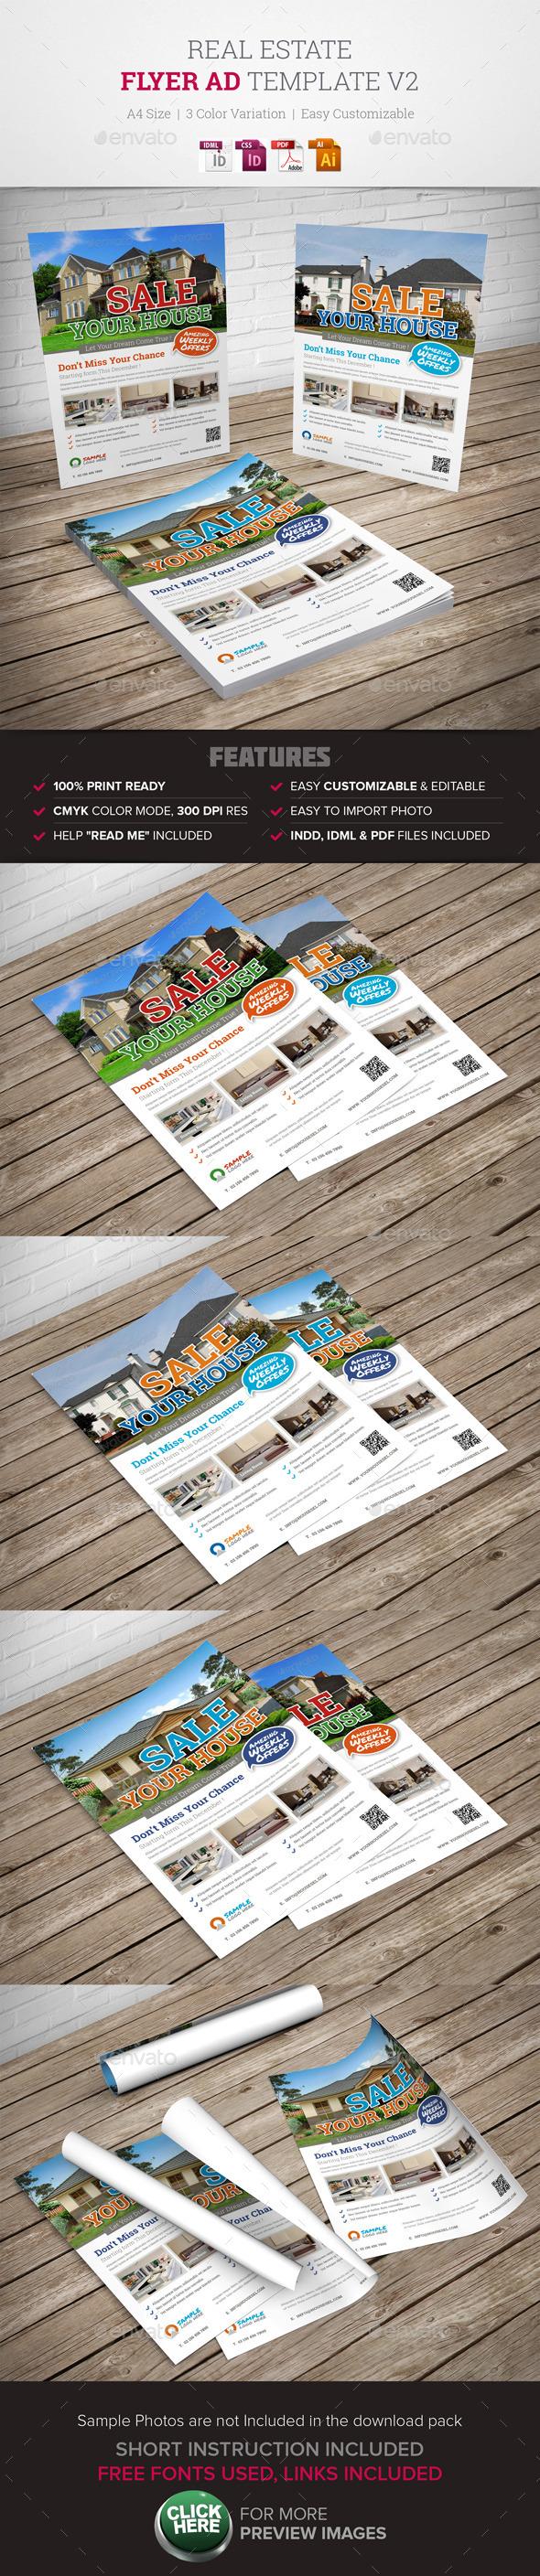 GraphicRiver Real Estate Flyer Ad v2 9957551